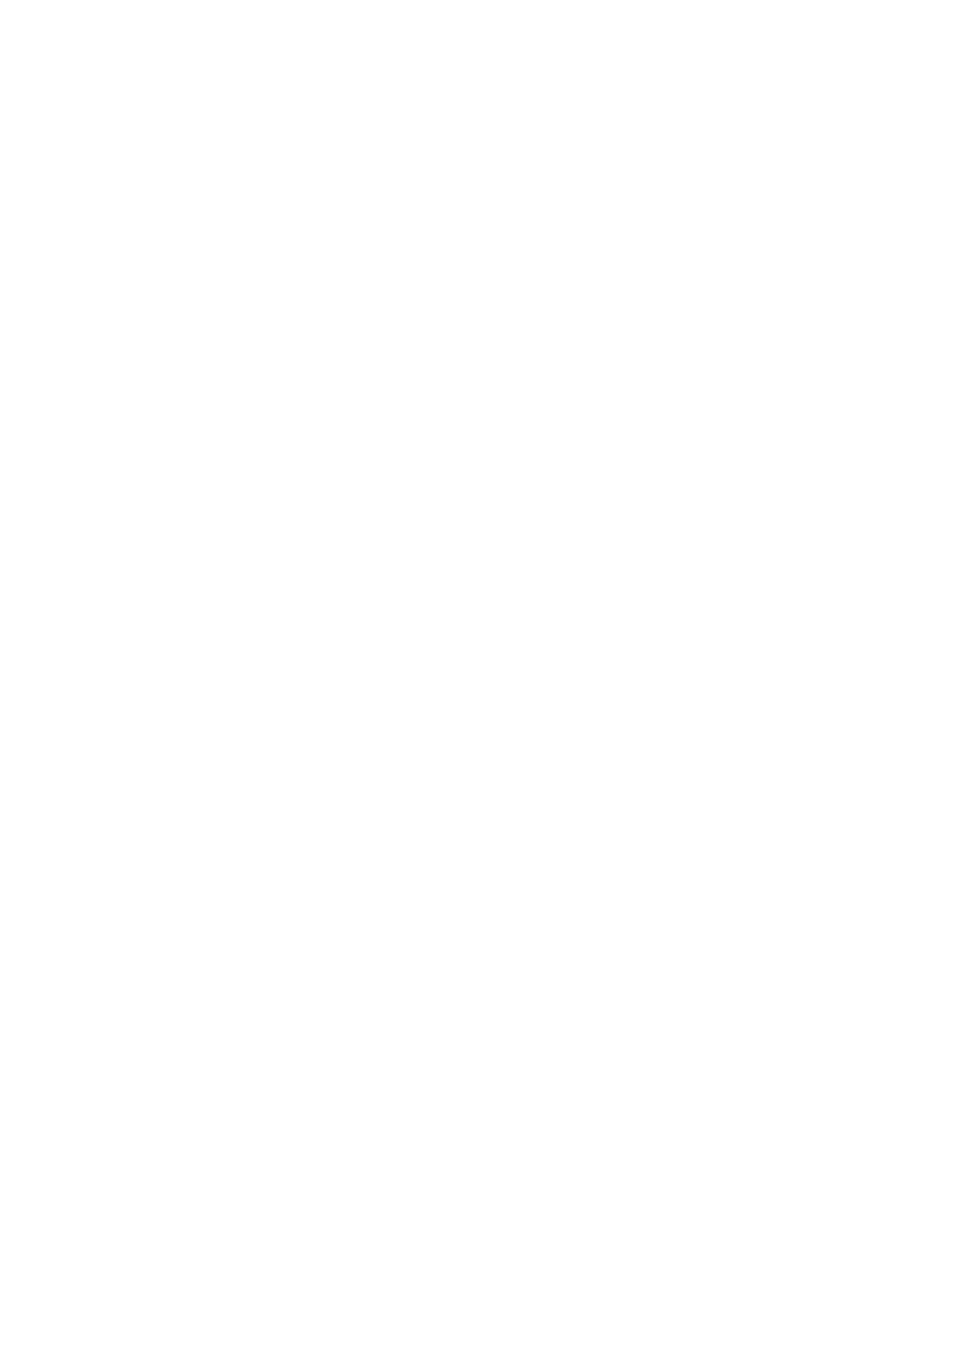 guarantee conditions standard guarantee conditions exclusions rh manualsdir com